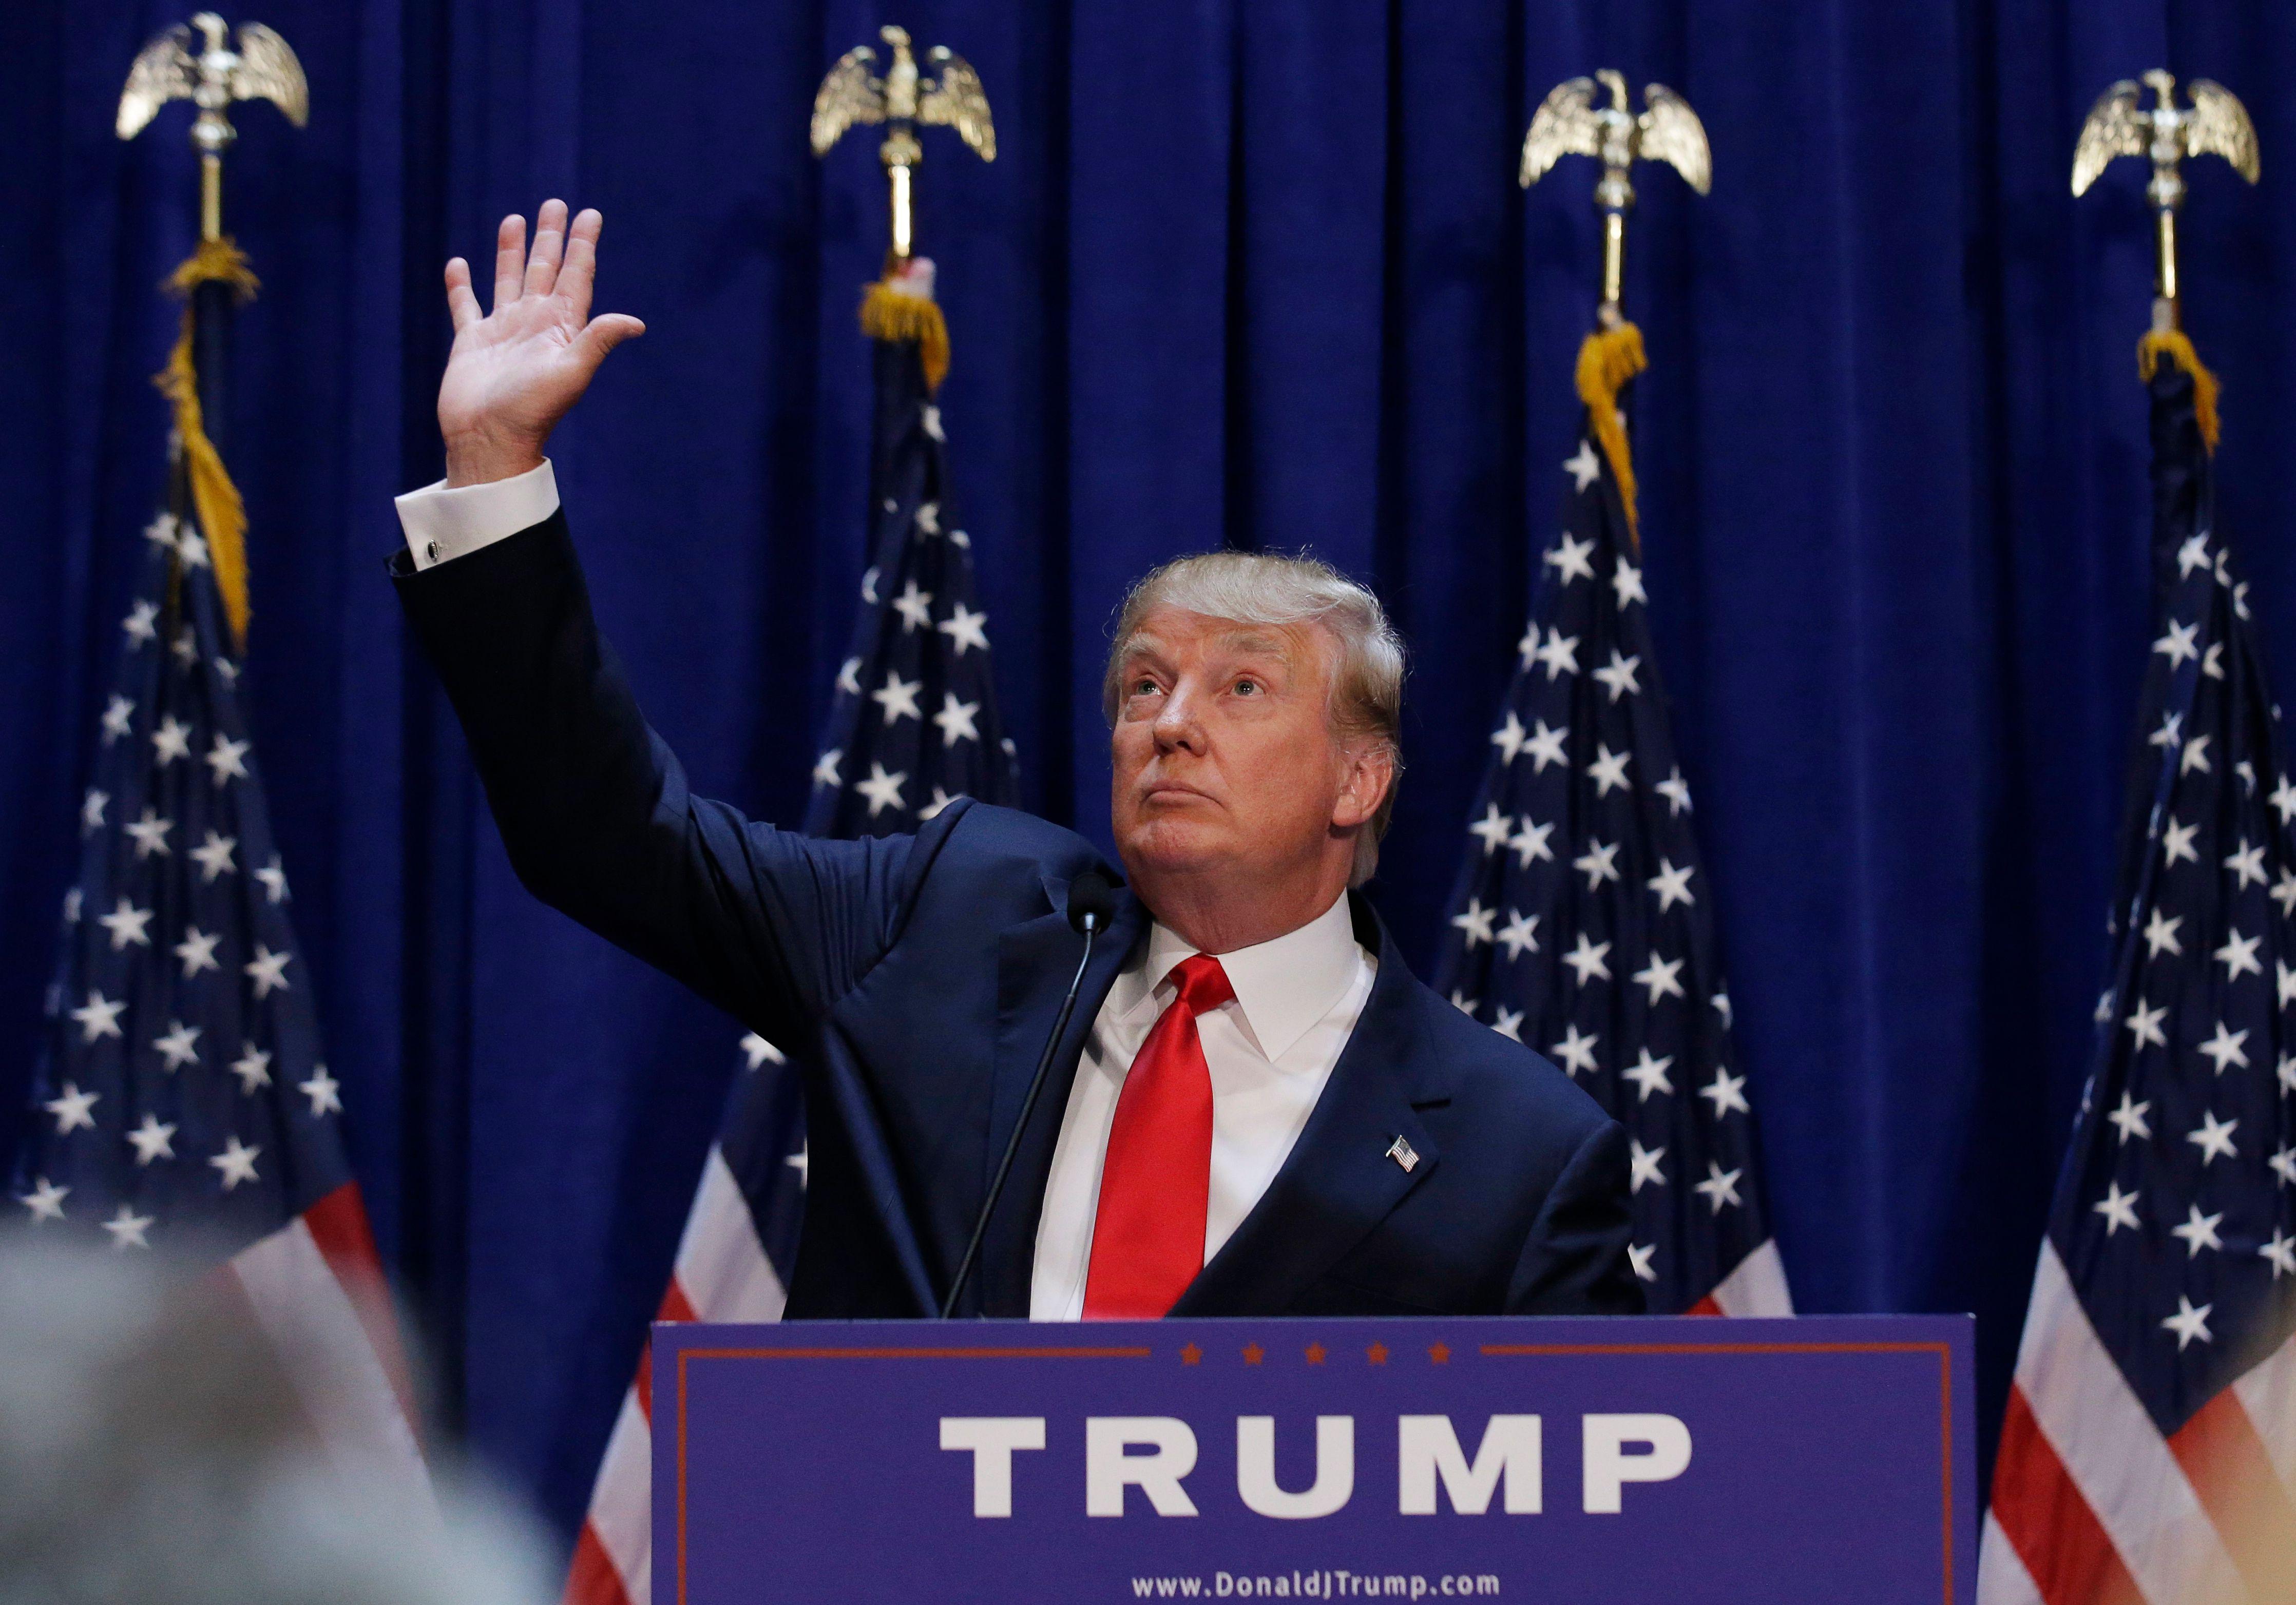 Donald Trump a décidé de taper fort contre Hillary Clinton